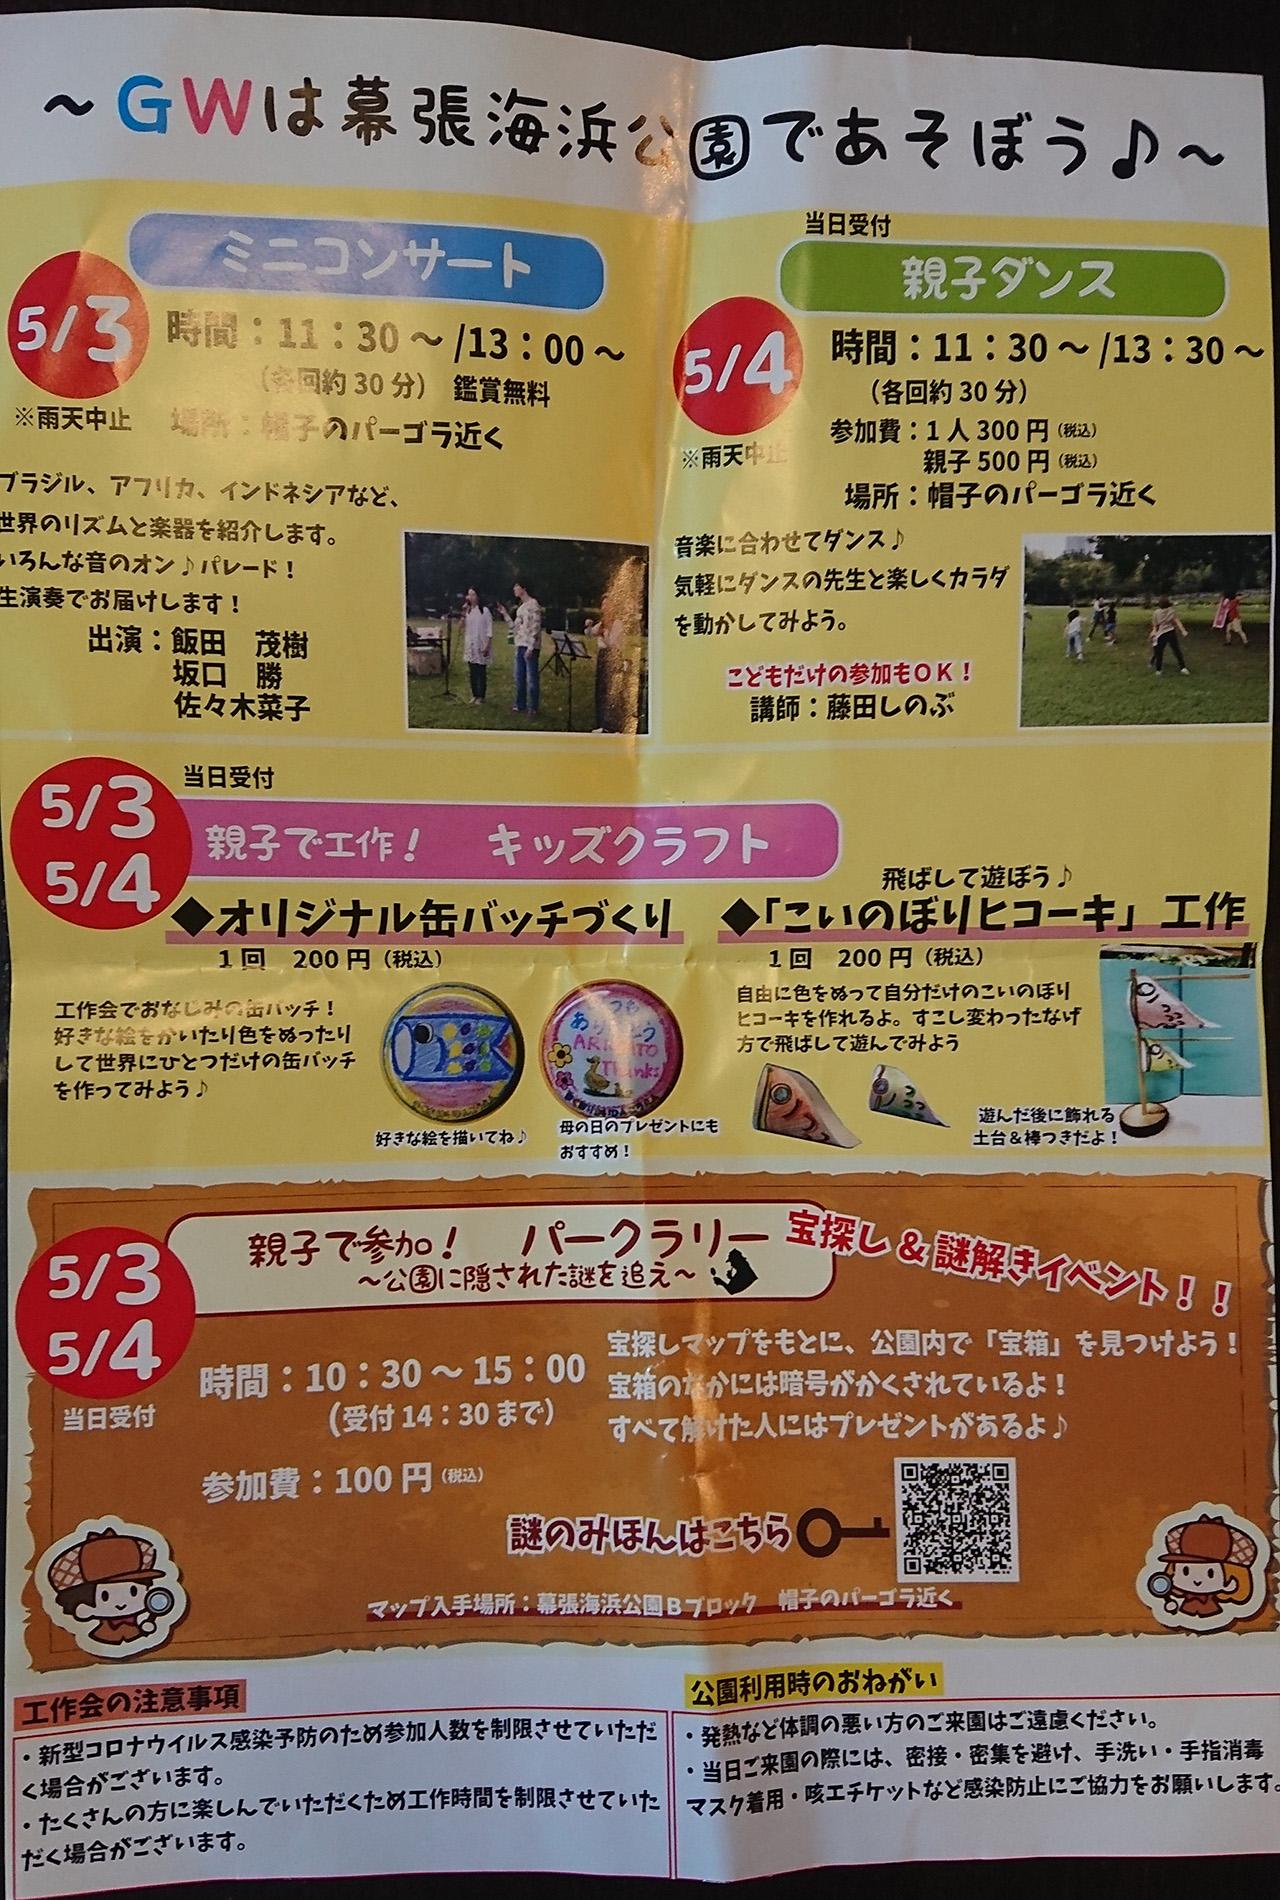 イベント情報のチラシの写真2